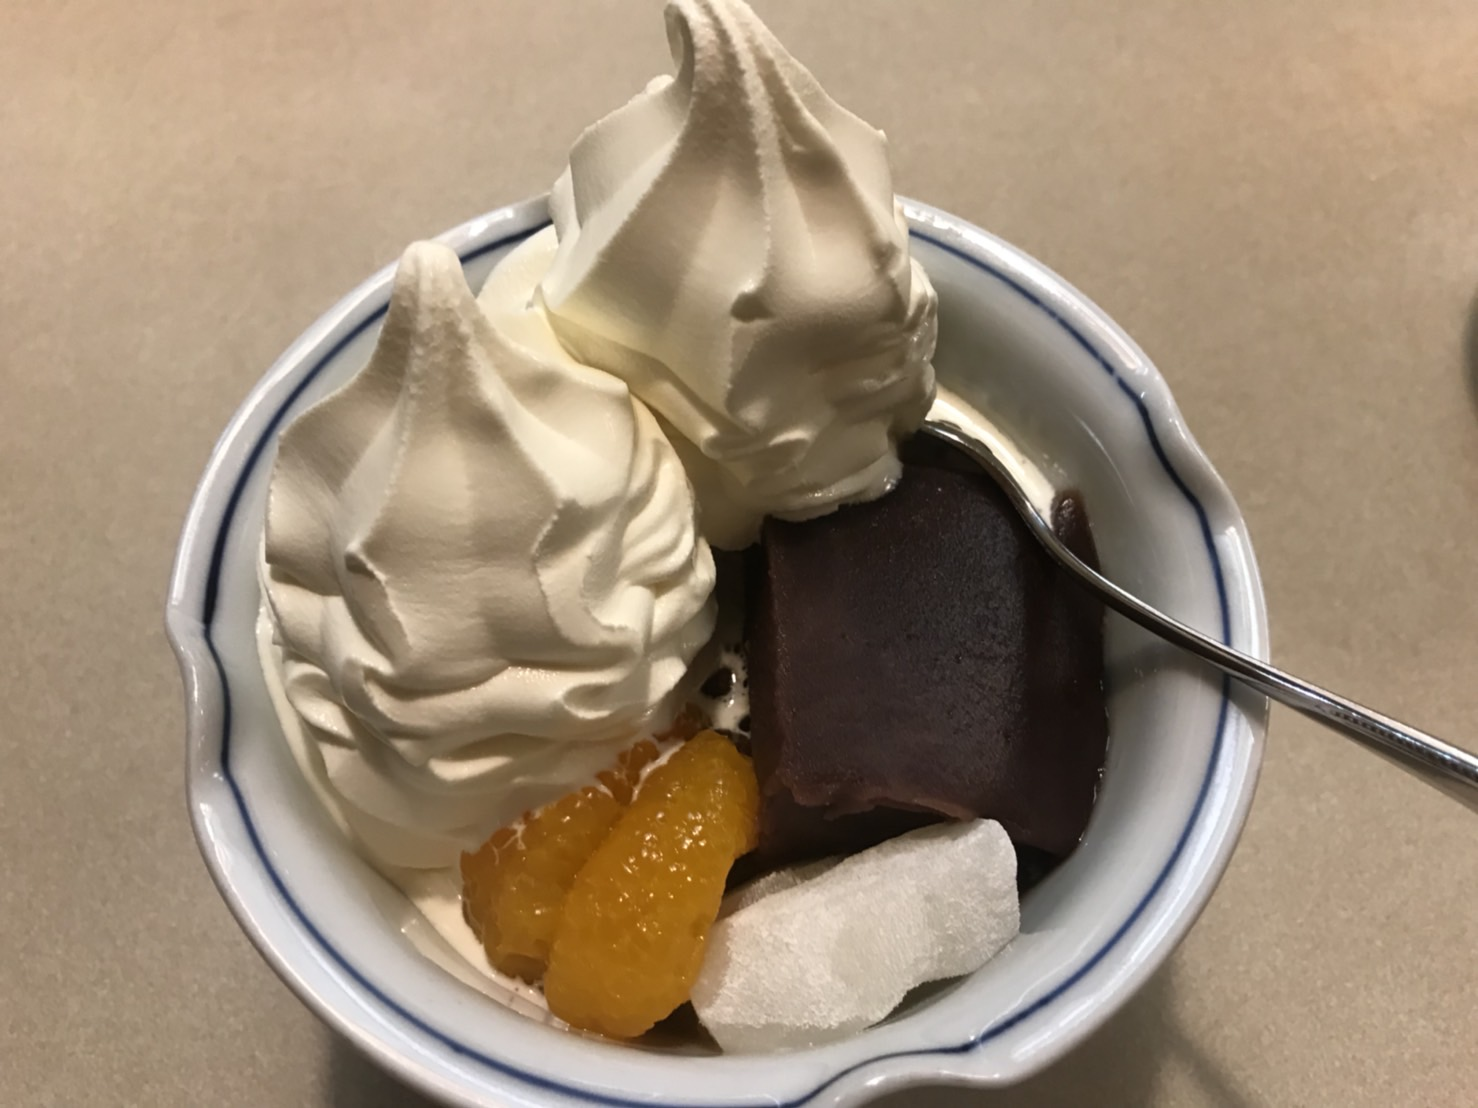 上野みはし・ダブルソフトクリームのクリームあんみつ・東京はスゴかった | Furublog